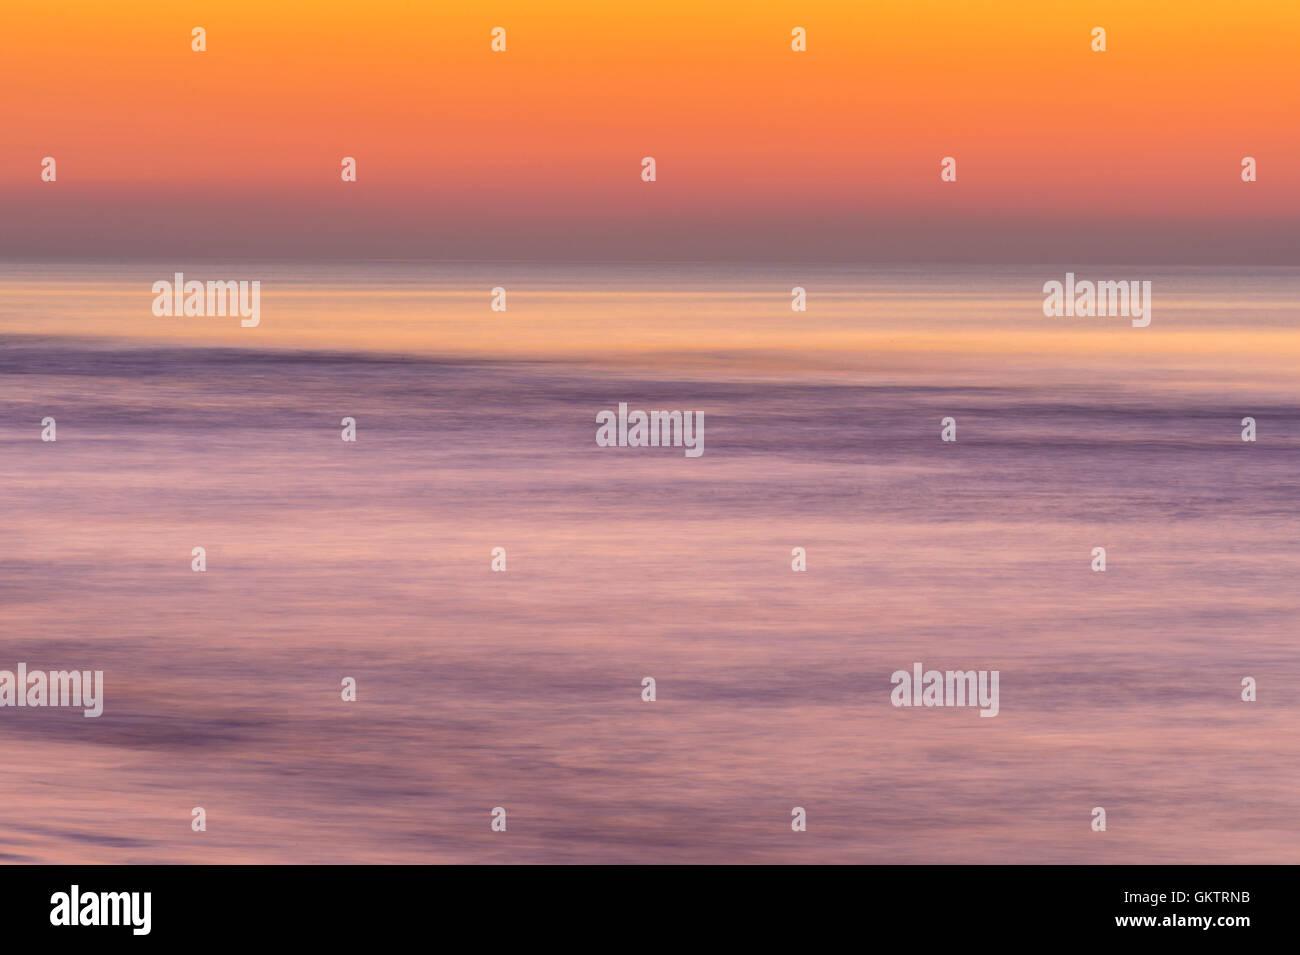 Amanecer artístico Ocean Blur Imagen De Stock